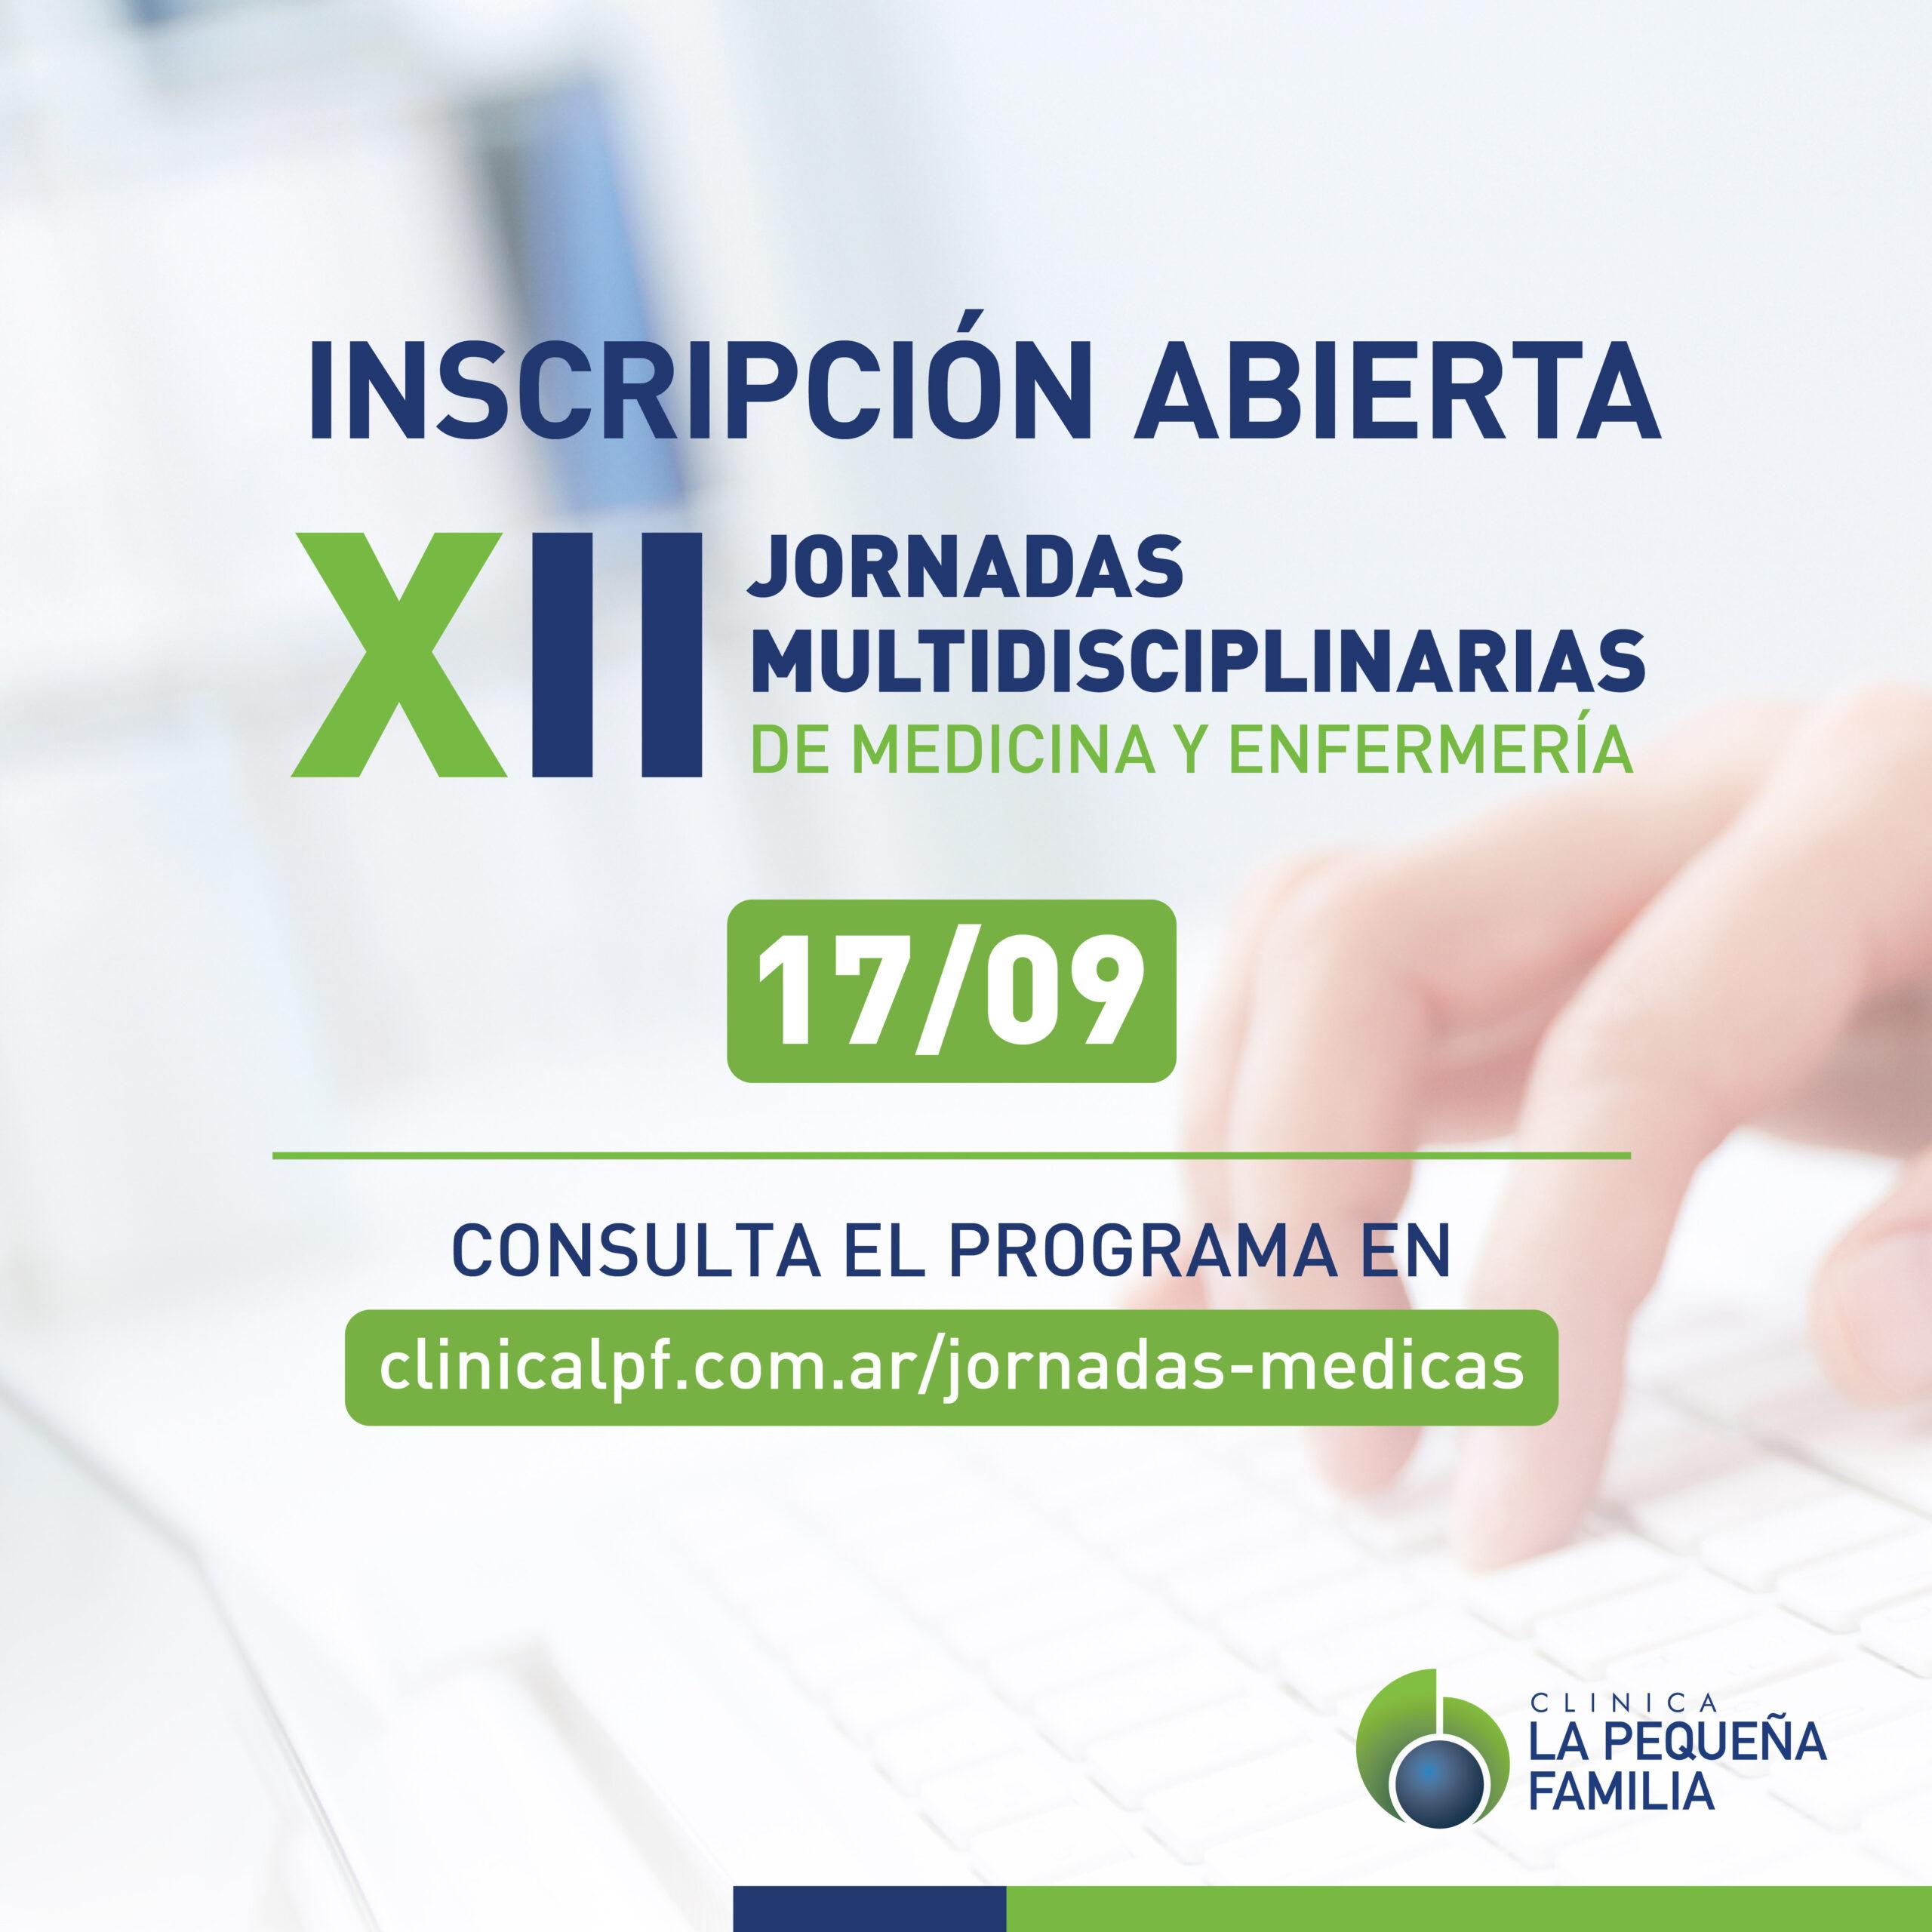 XII JORNADAS MULTIDISCIPLINARIAS DE MEDICINA Y ENFERMERÍA -EDICIÓN 2021